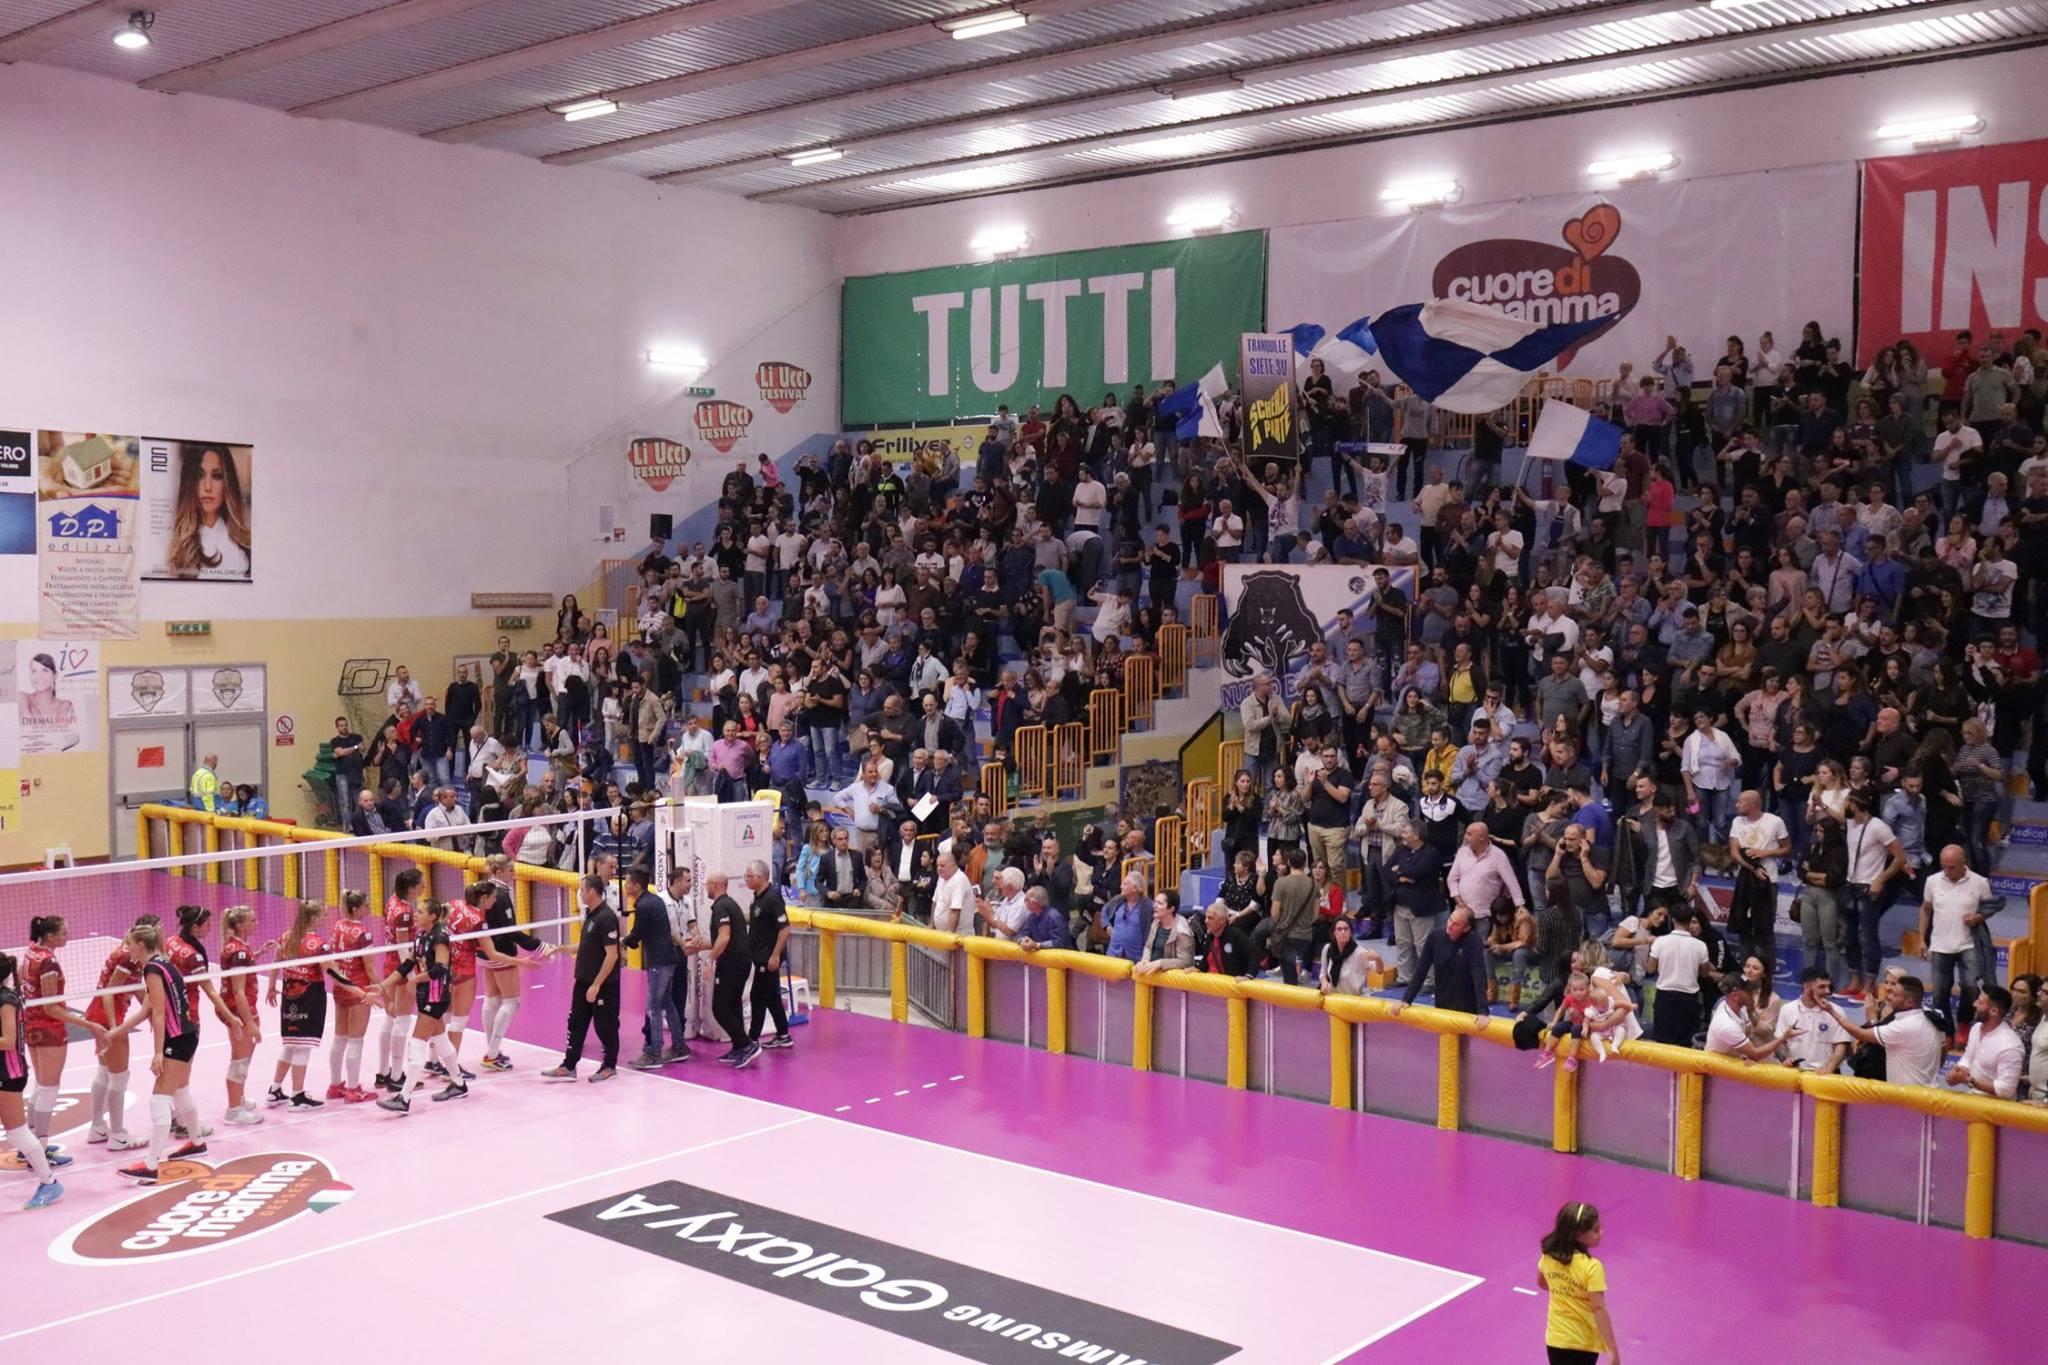 Il Cuore di Mamma pronto per il Torino. Appuntamento domenica 16 dicembre ore 16.00!